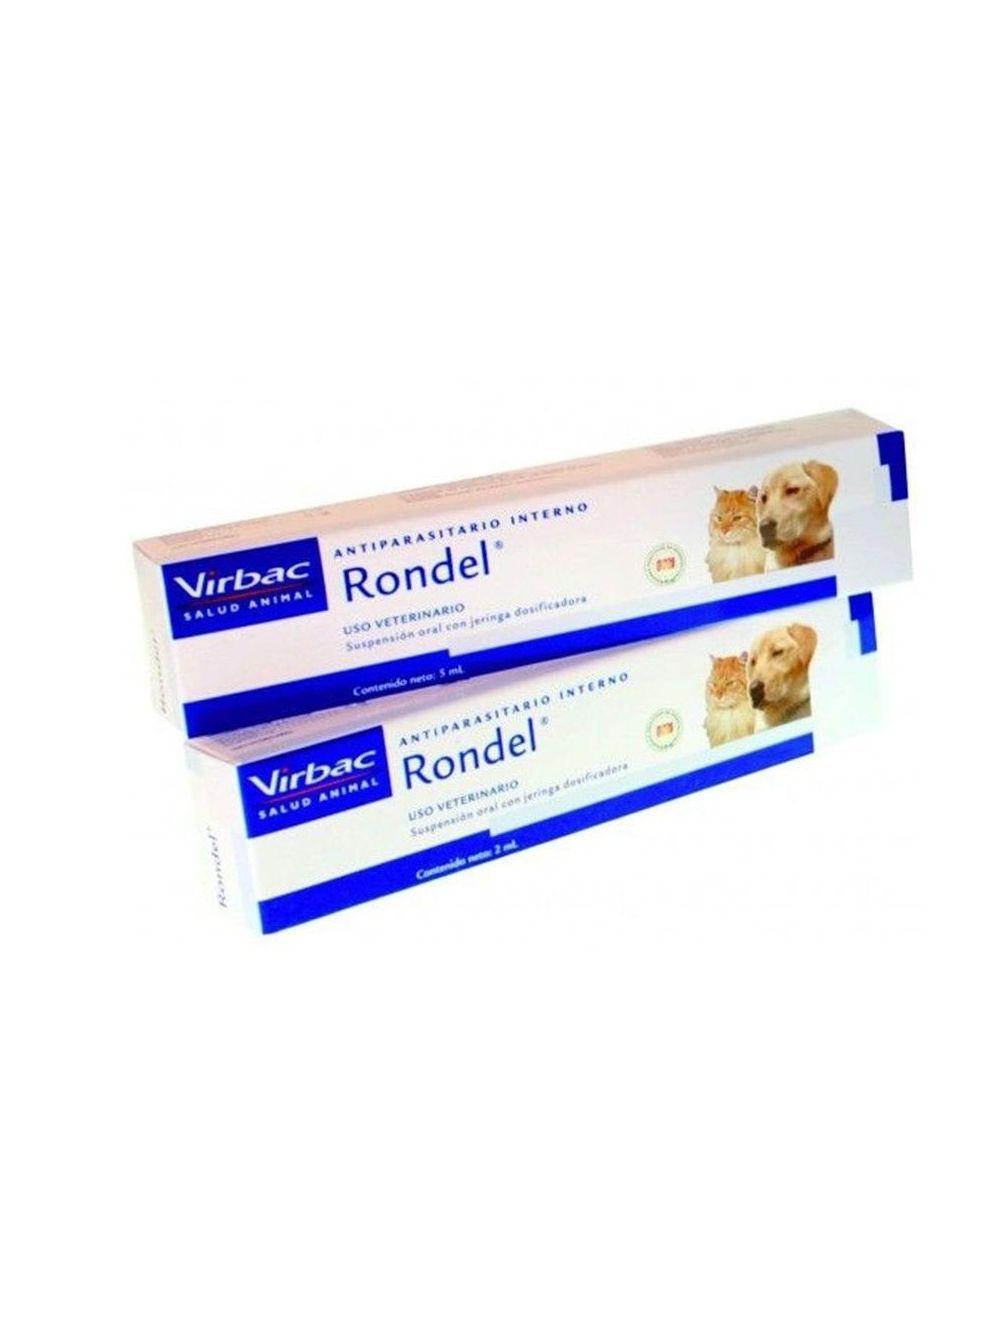 Antiparasitario Rondel para Perros y Gatos (2 ml)